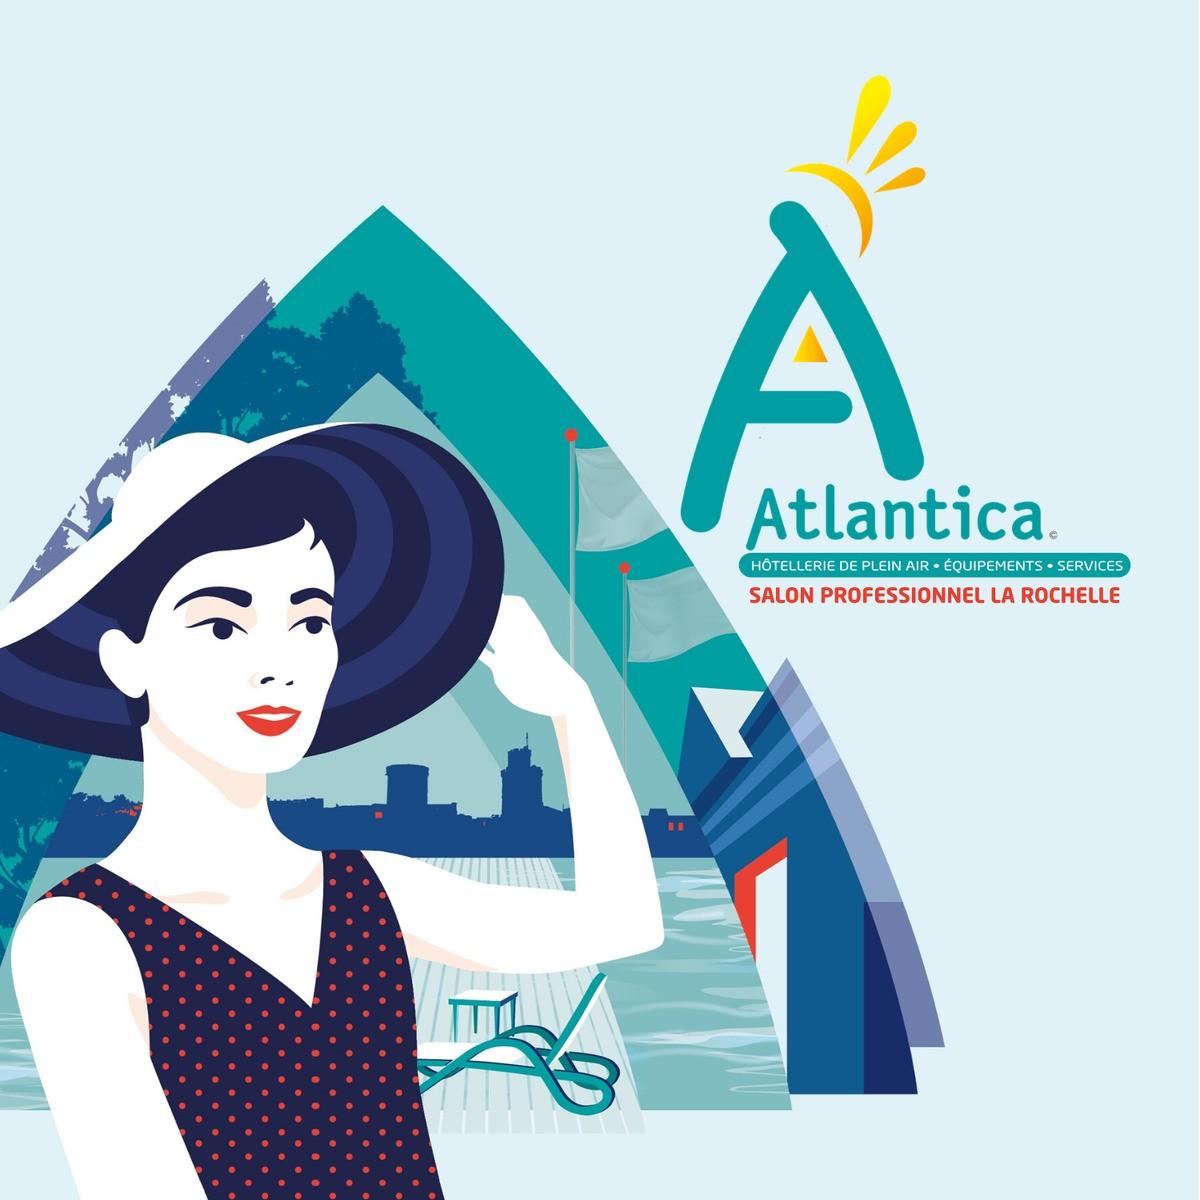 Salon ATLANTICA - 13, 14, 15 Octobre au Parc des Expositions de La Rochelle